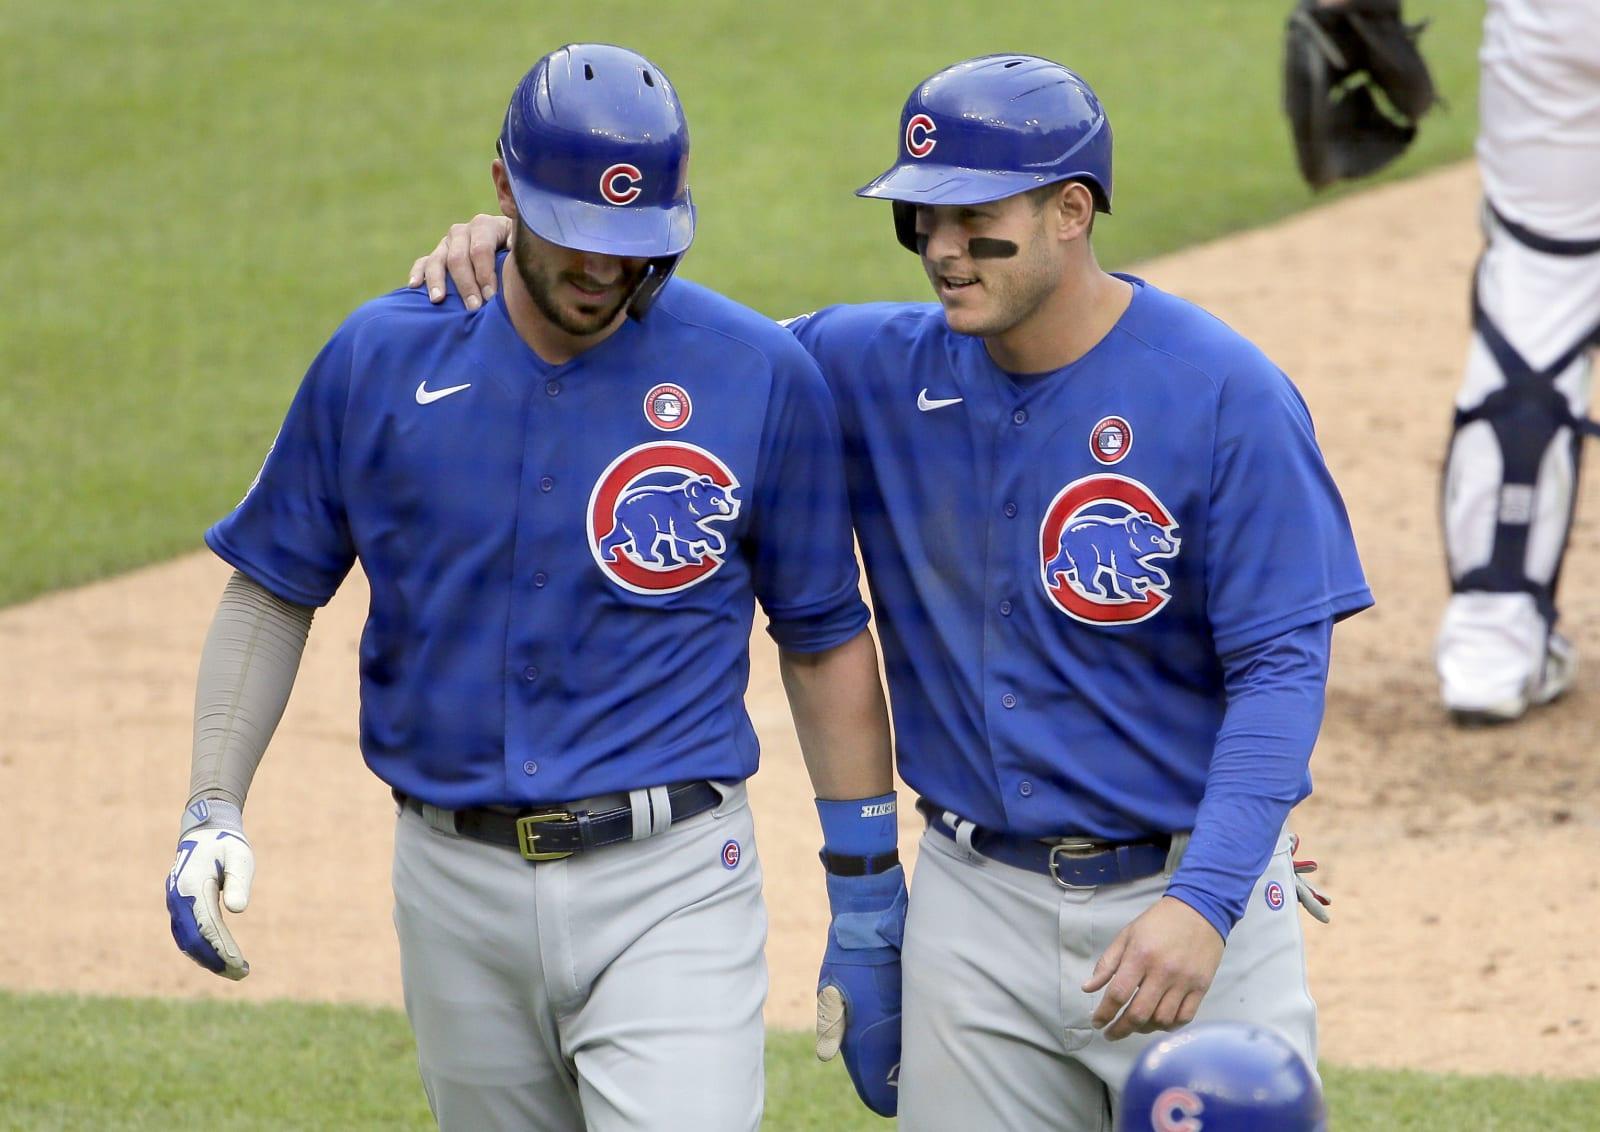 Chicago Cubs, Kris Bryant